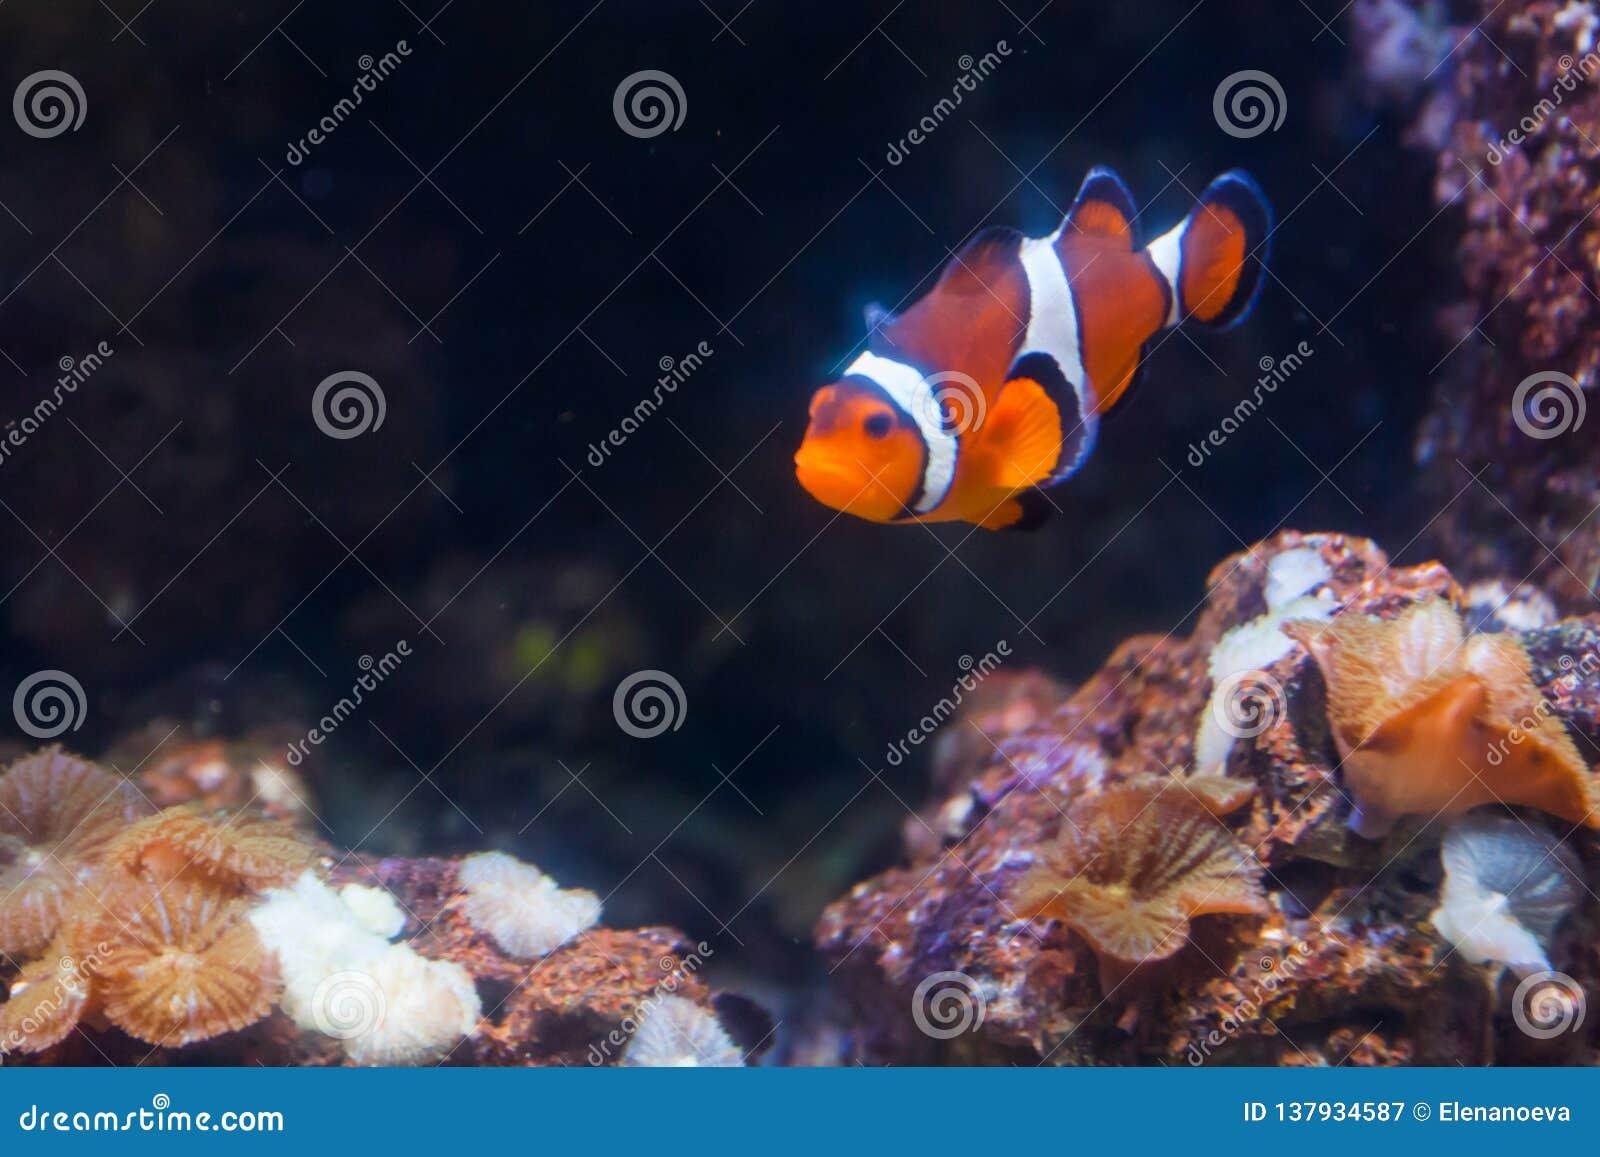 Błazenu anemon lub ryba Cudowny i piękny podwodny świat z